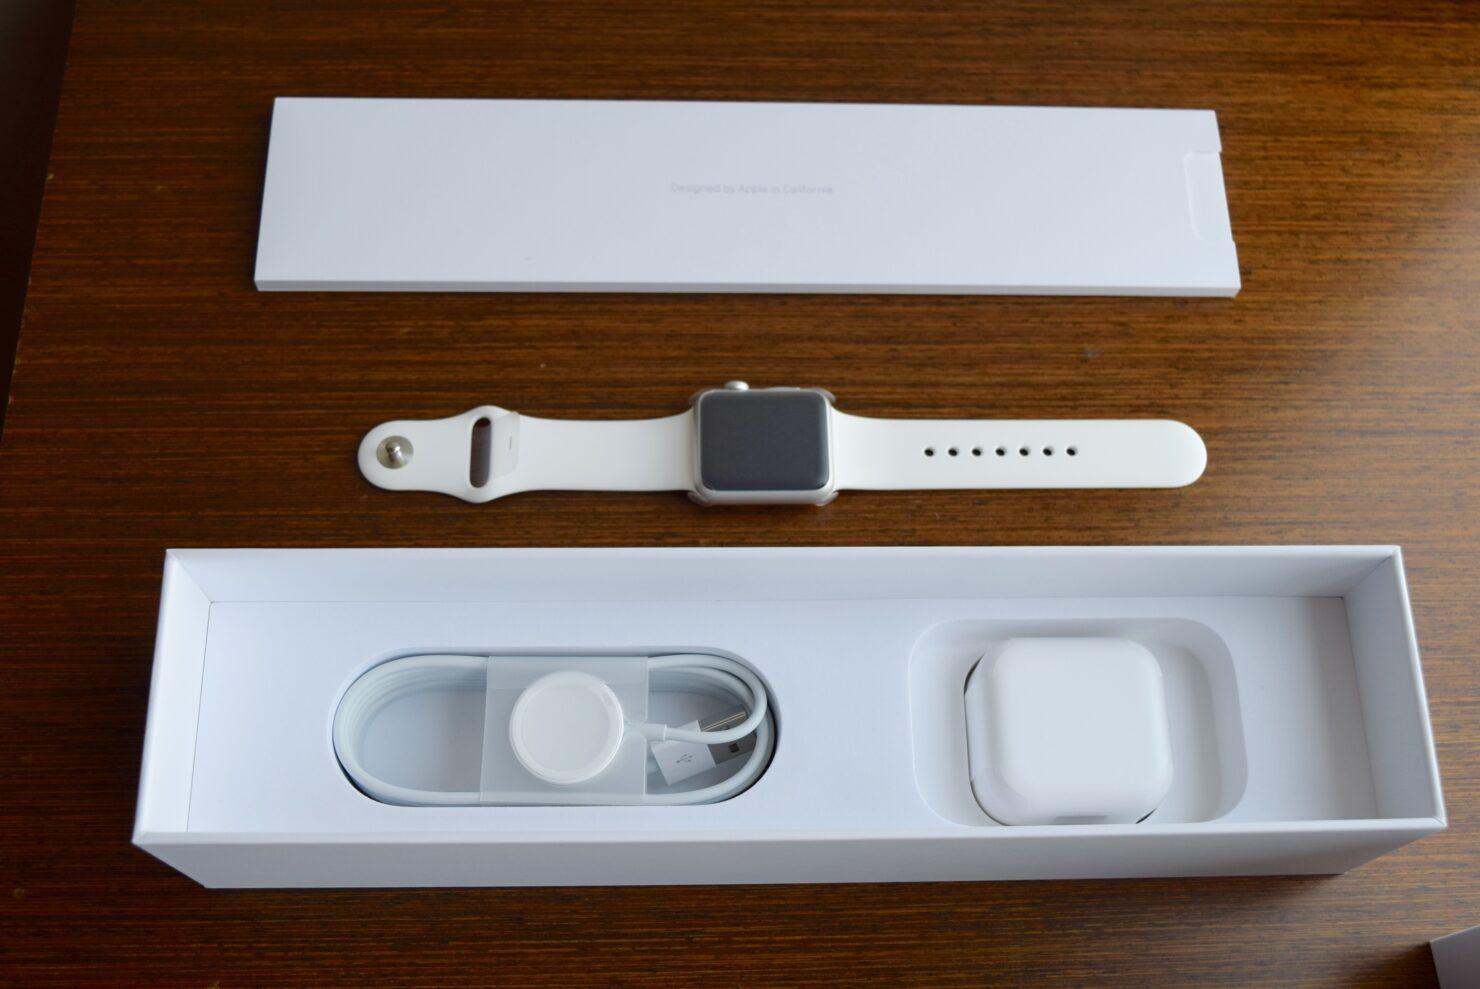 apple-watch-unboxing-dsc_0218